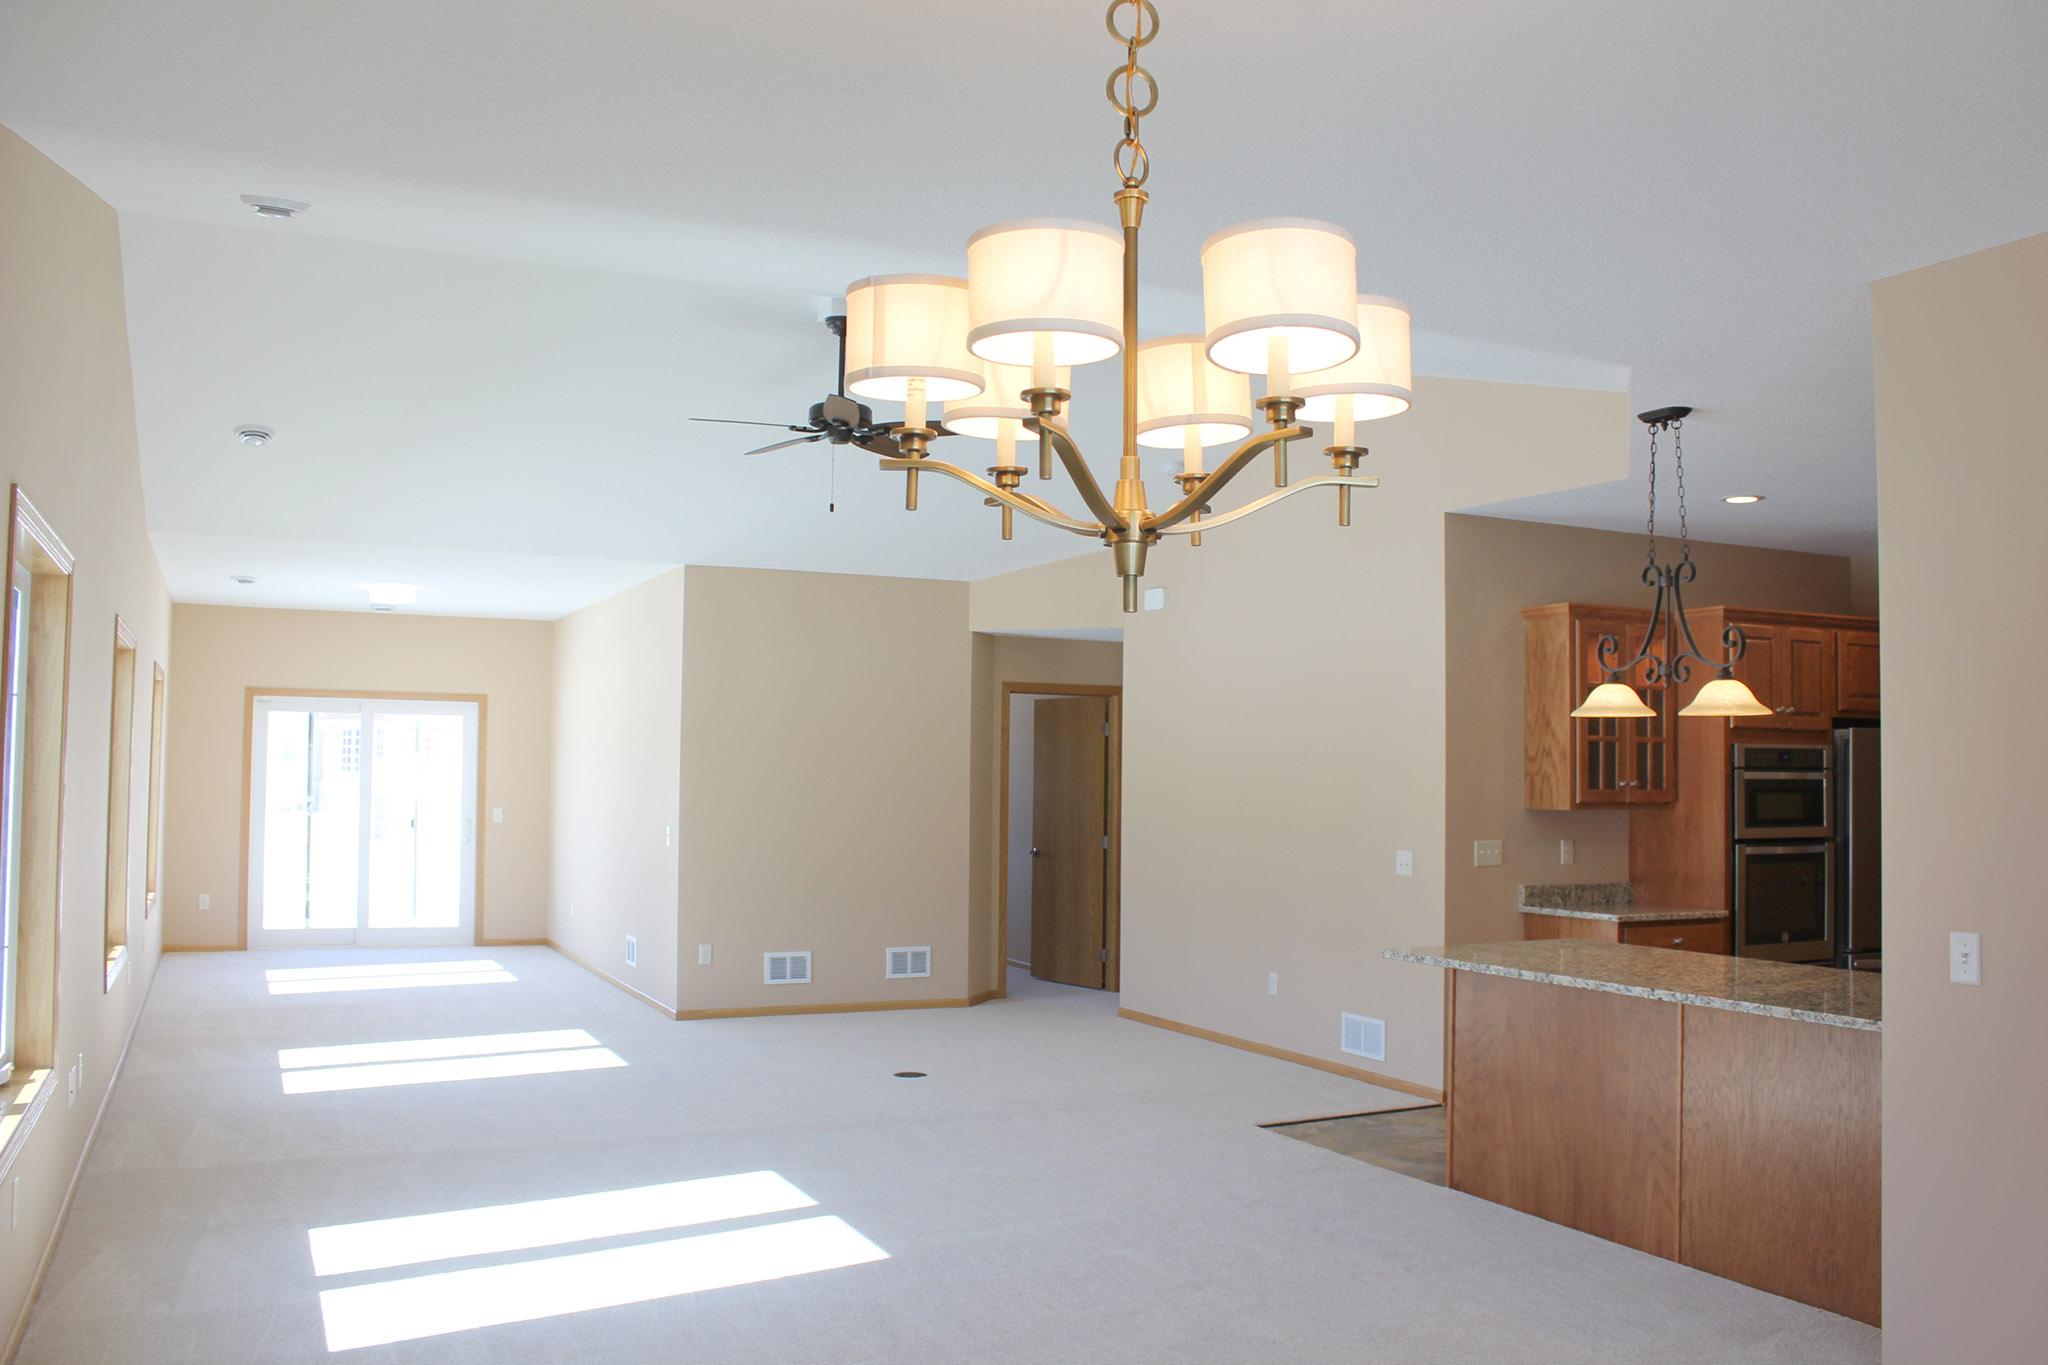 Twin home open floor plan